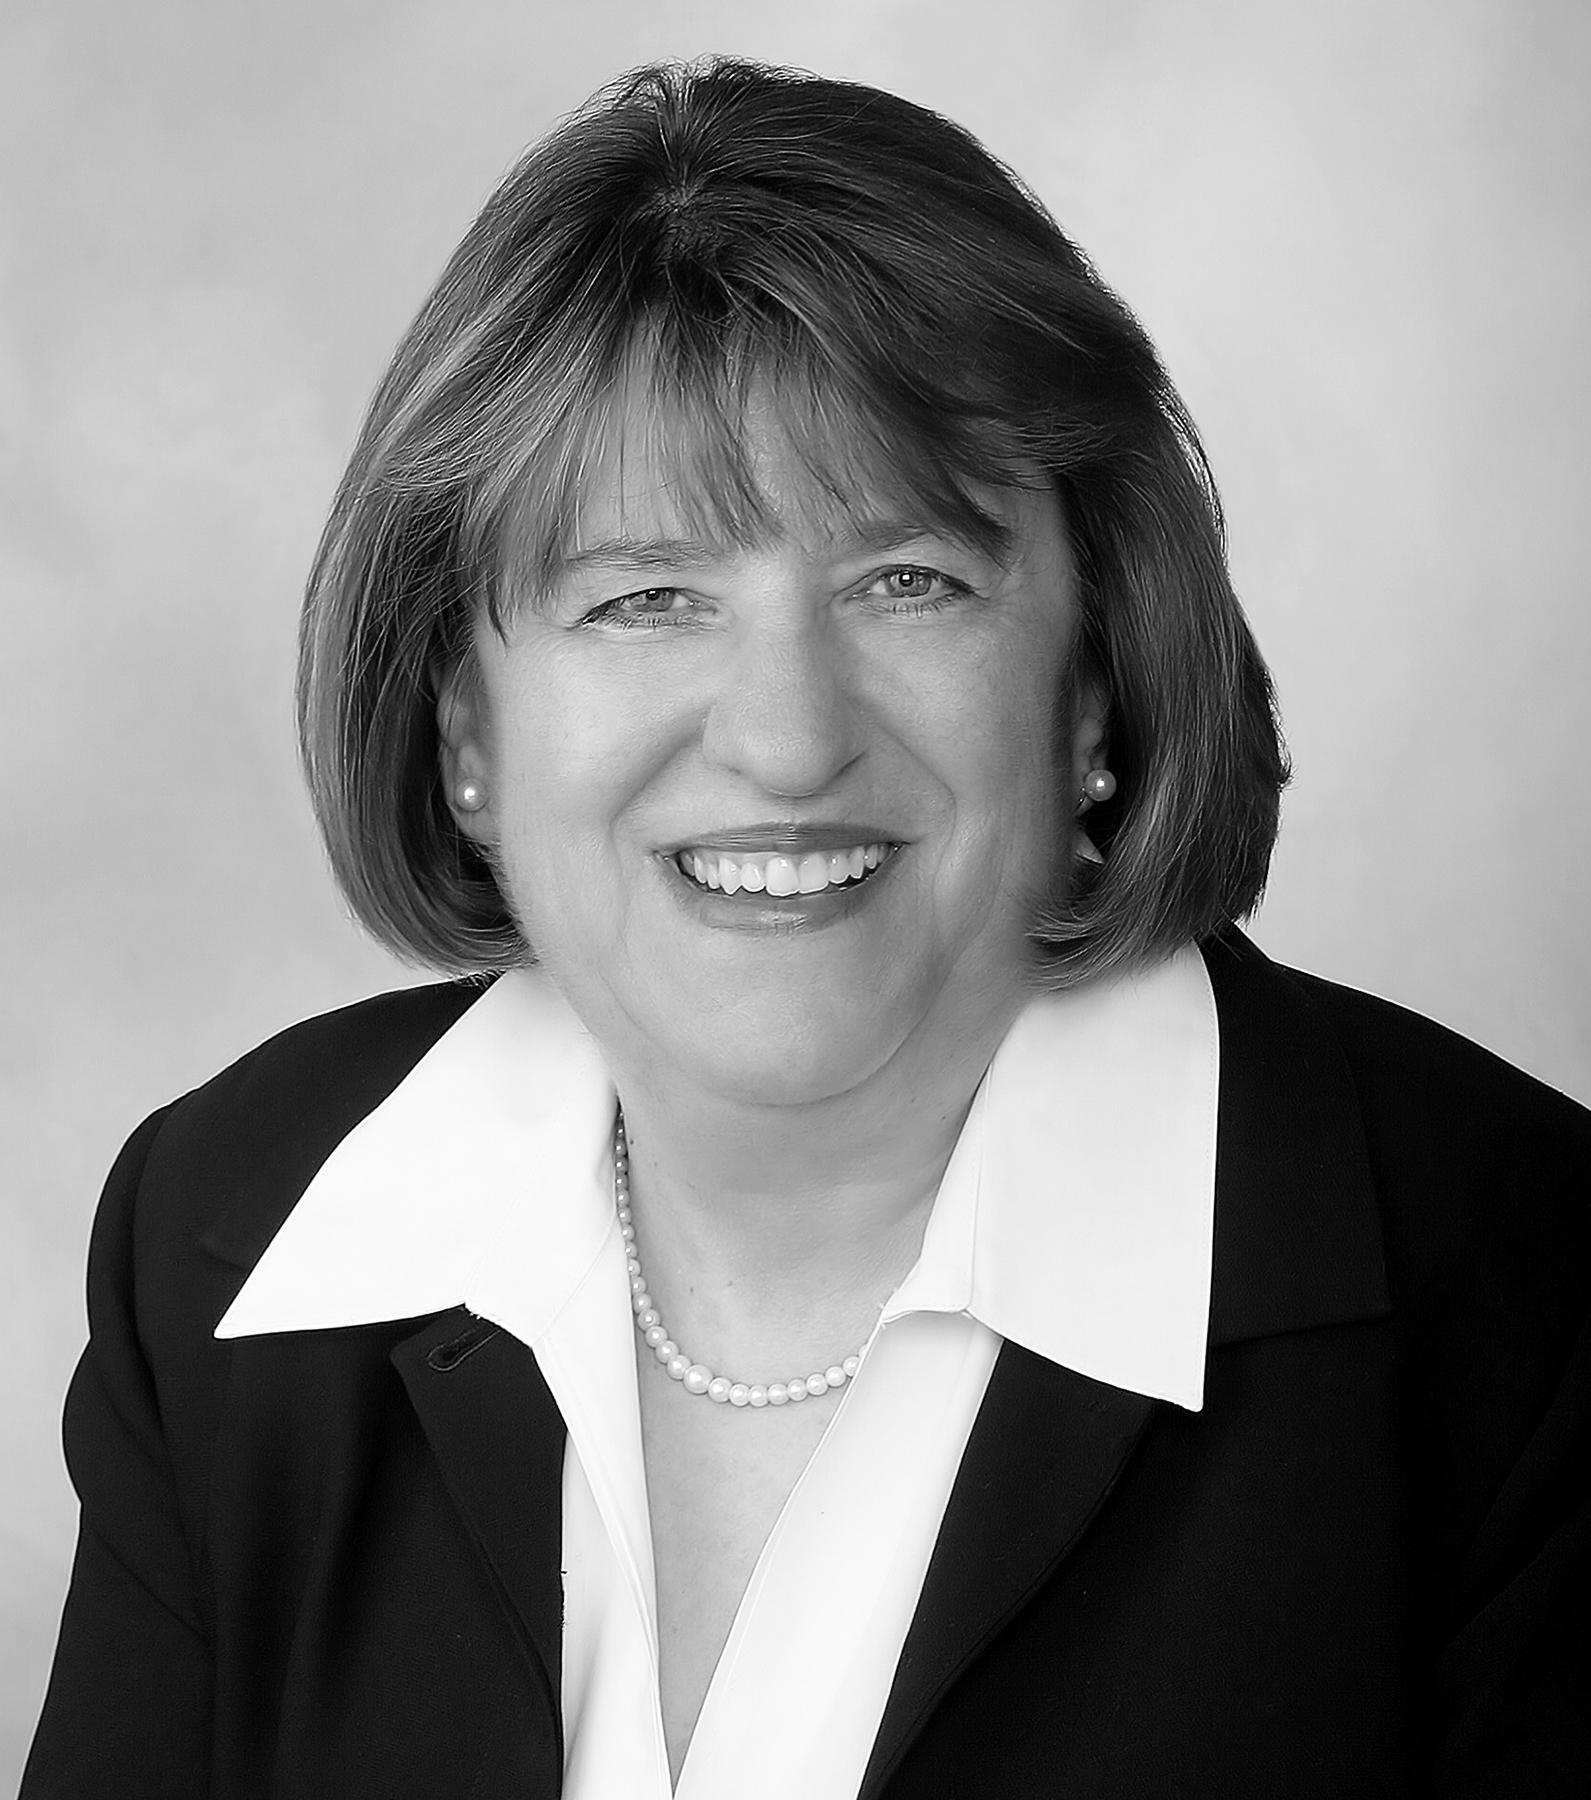 Carole Gross